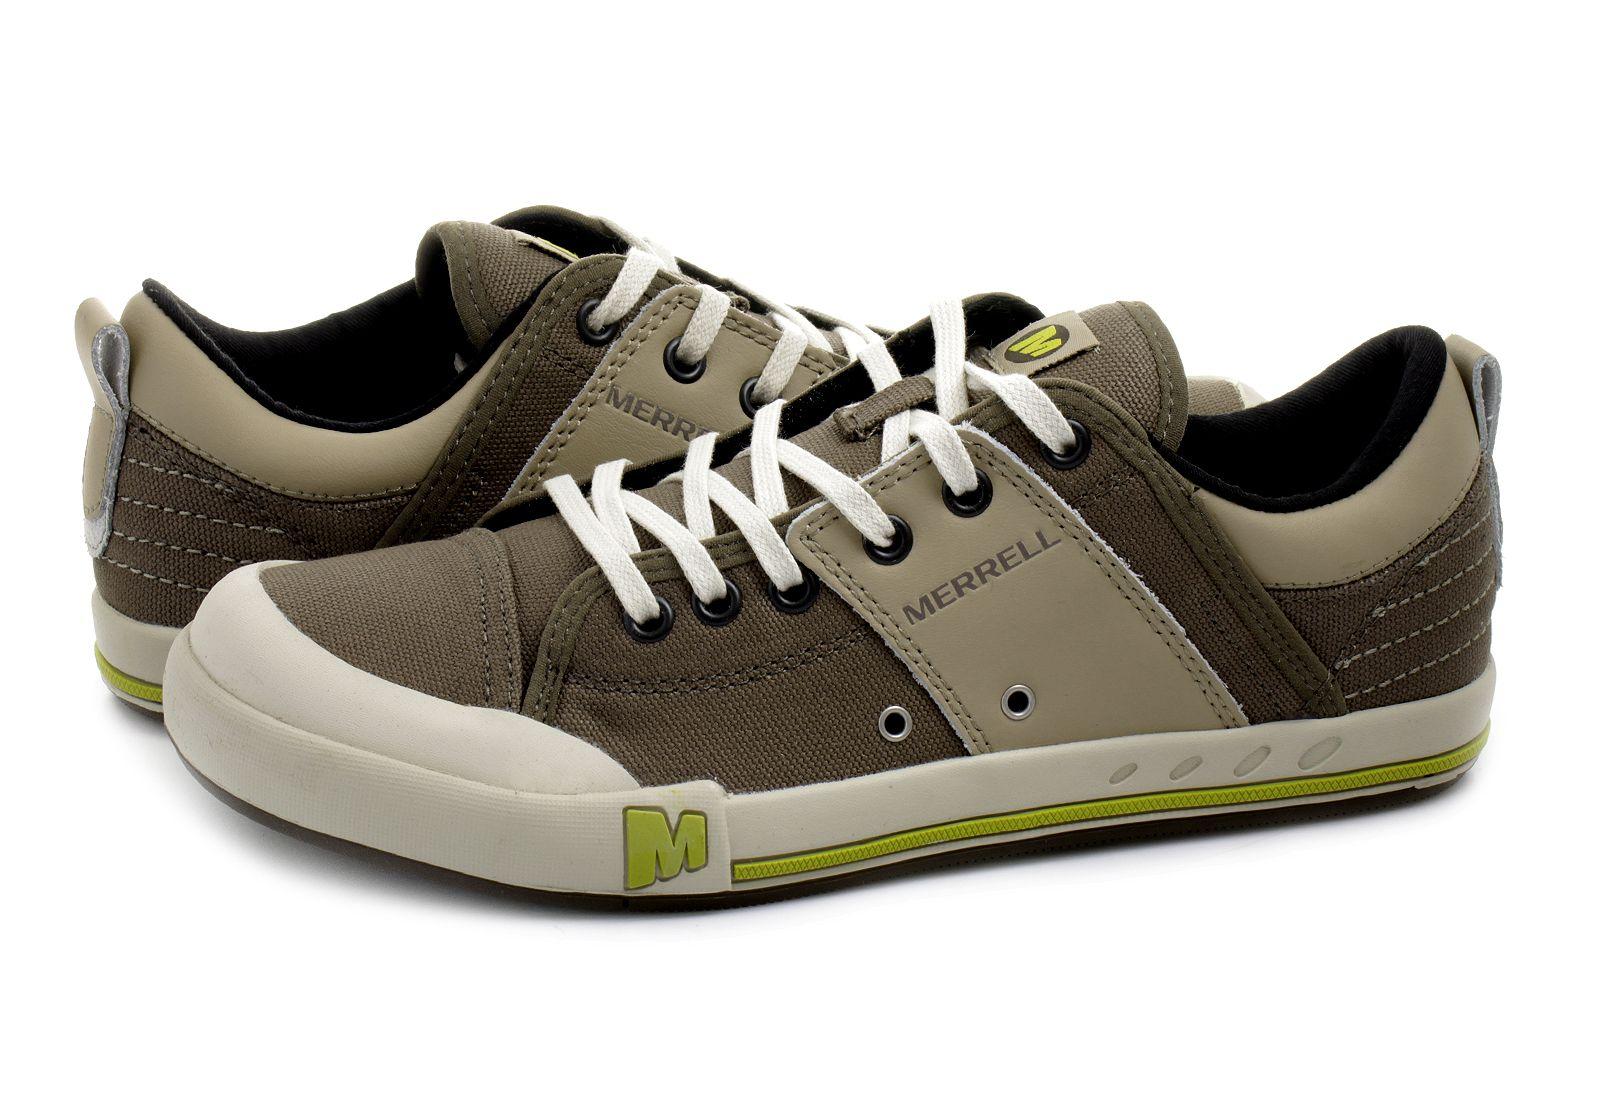 b9211f0d47 Merrell Cipő - Rant - J21857-olv - Office Shoes Magyarország